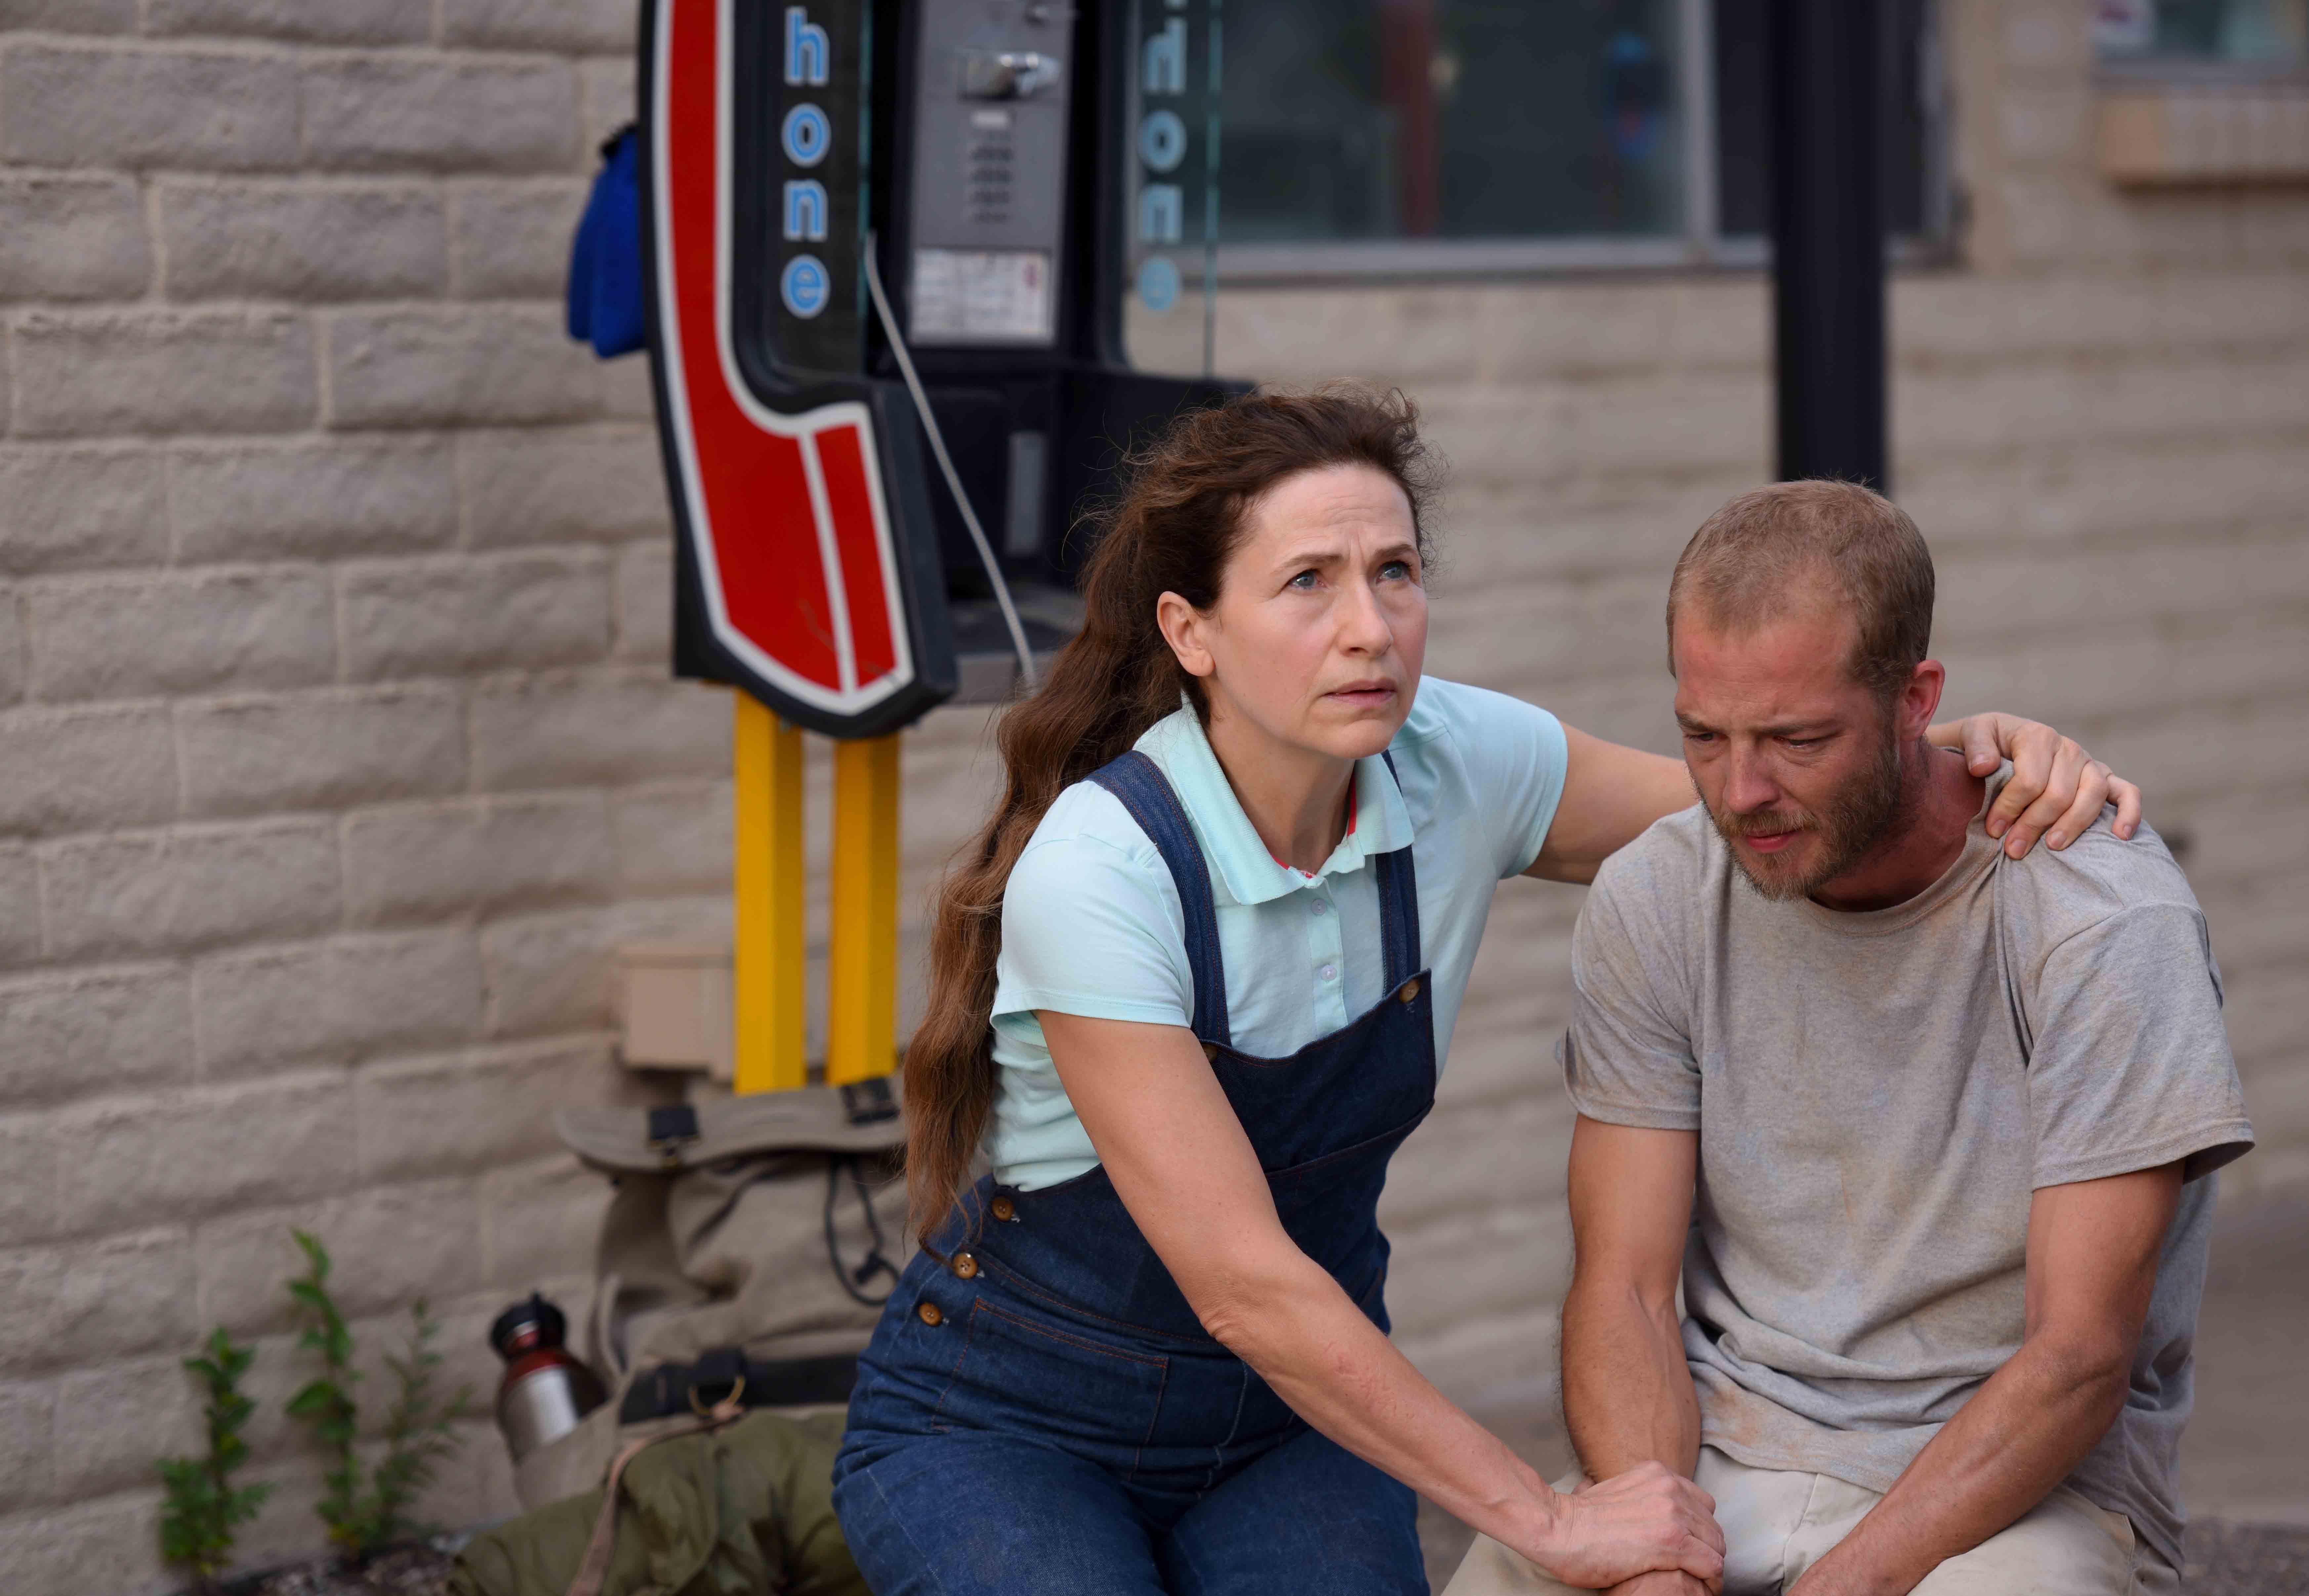 瑪麗布奈爾(左)不僅要克服語言的障礙,導演也刻意讓她處於隨時都會失敗的不安全感中,不時地調整鏡頭與排練,好讓她維持角色的脆弱感